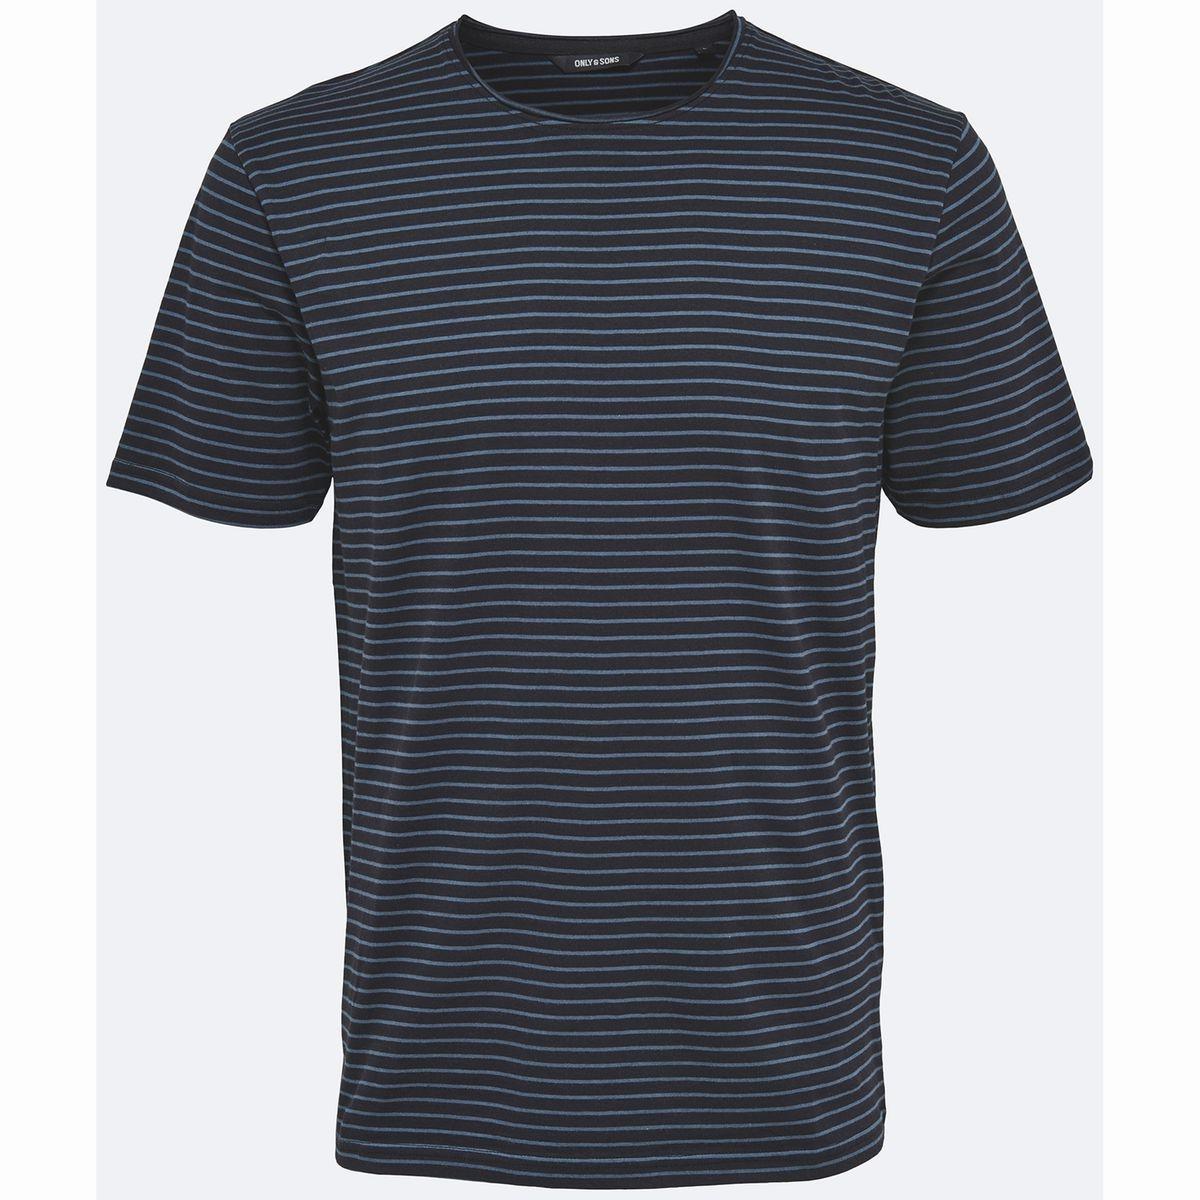 Tee-shirt rayé, col rond